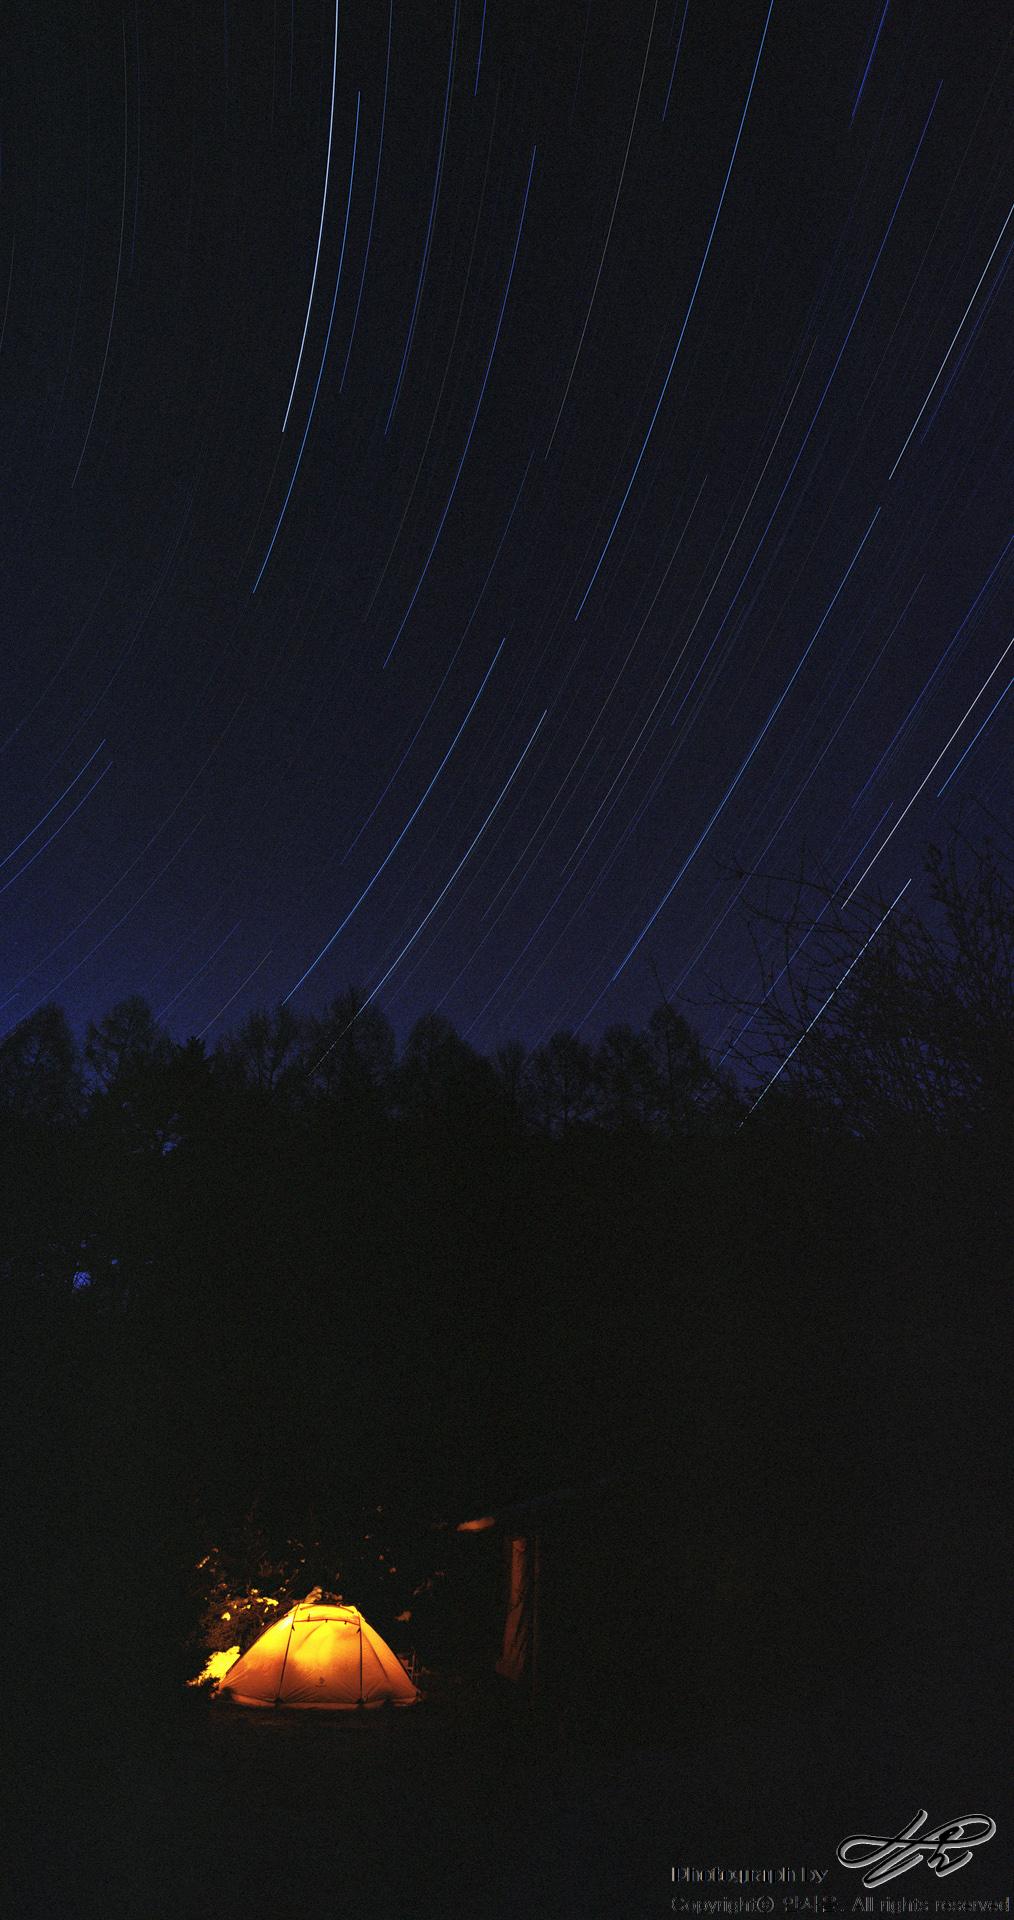 겨울밤 (SW612/portra800)2시간 반 노출. 하늘이 맑고 주변에 불빛이 없어 장노출로 별빛을 담기에 안성맞춤.